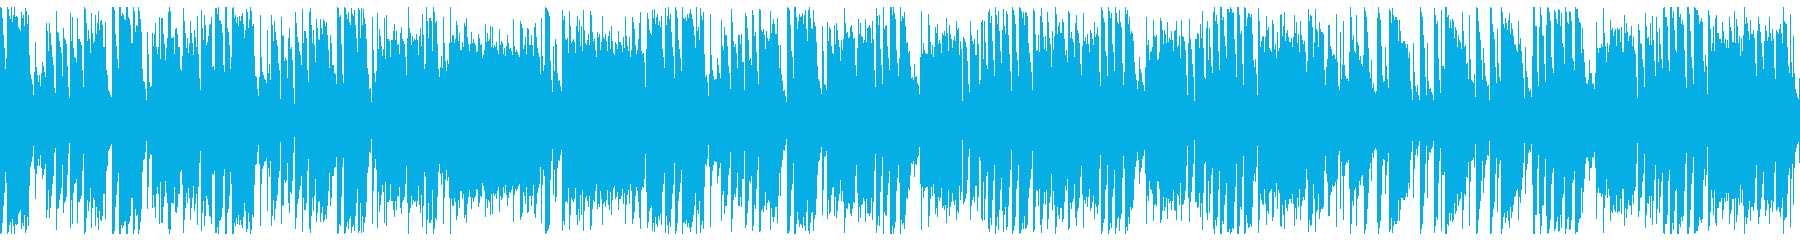 明るく速い 豪華ビッグバンド(ループの再生済みの波形